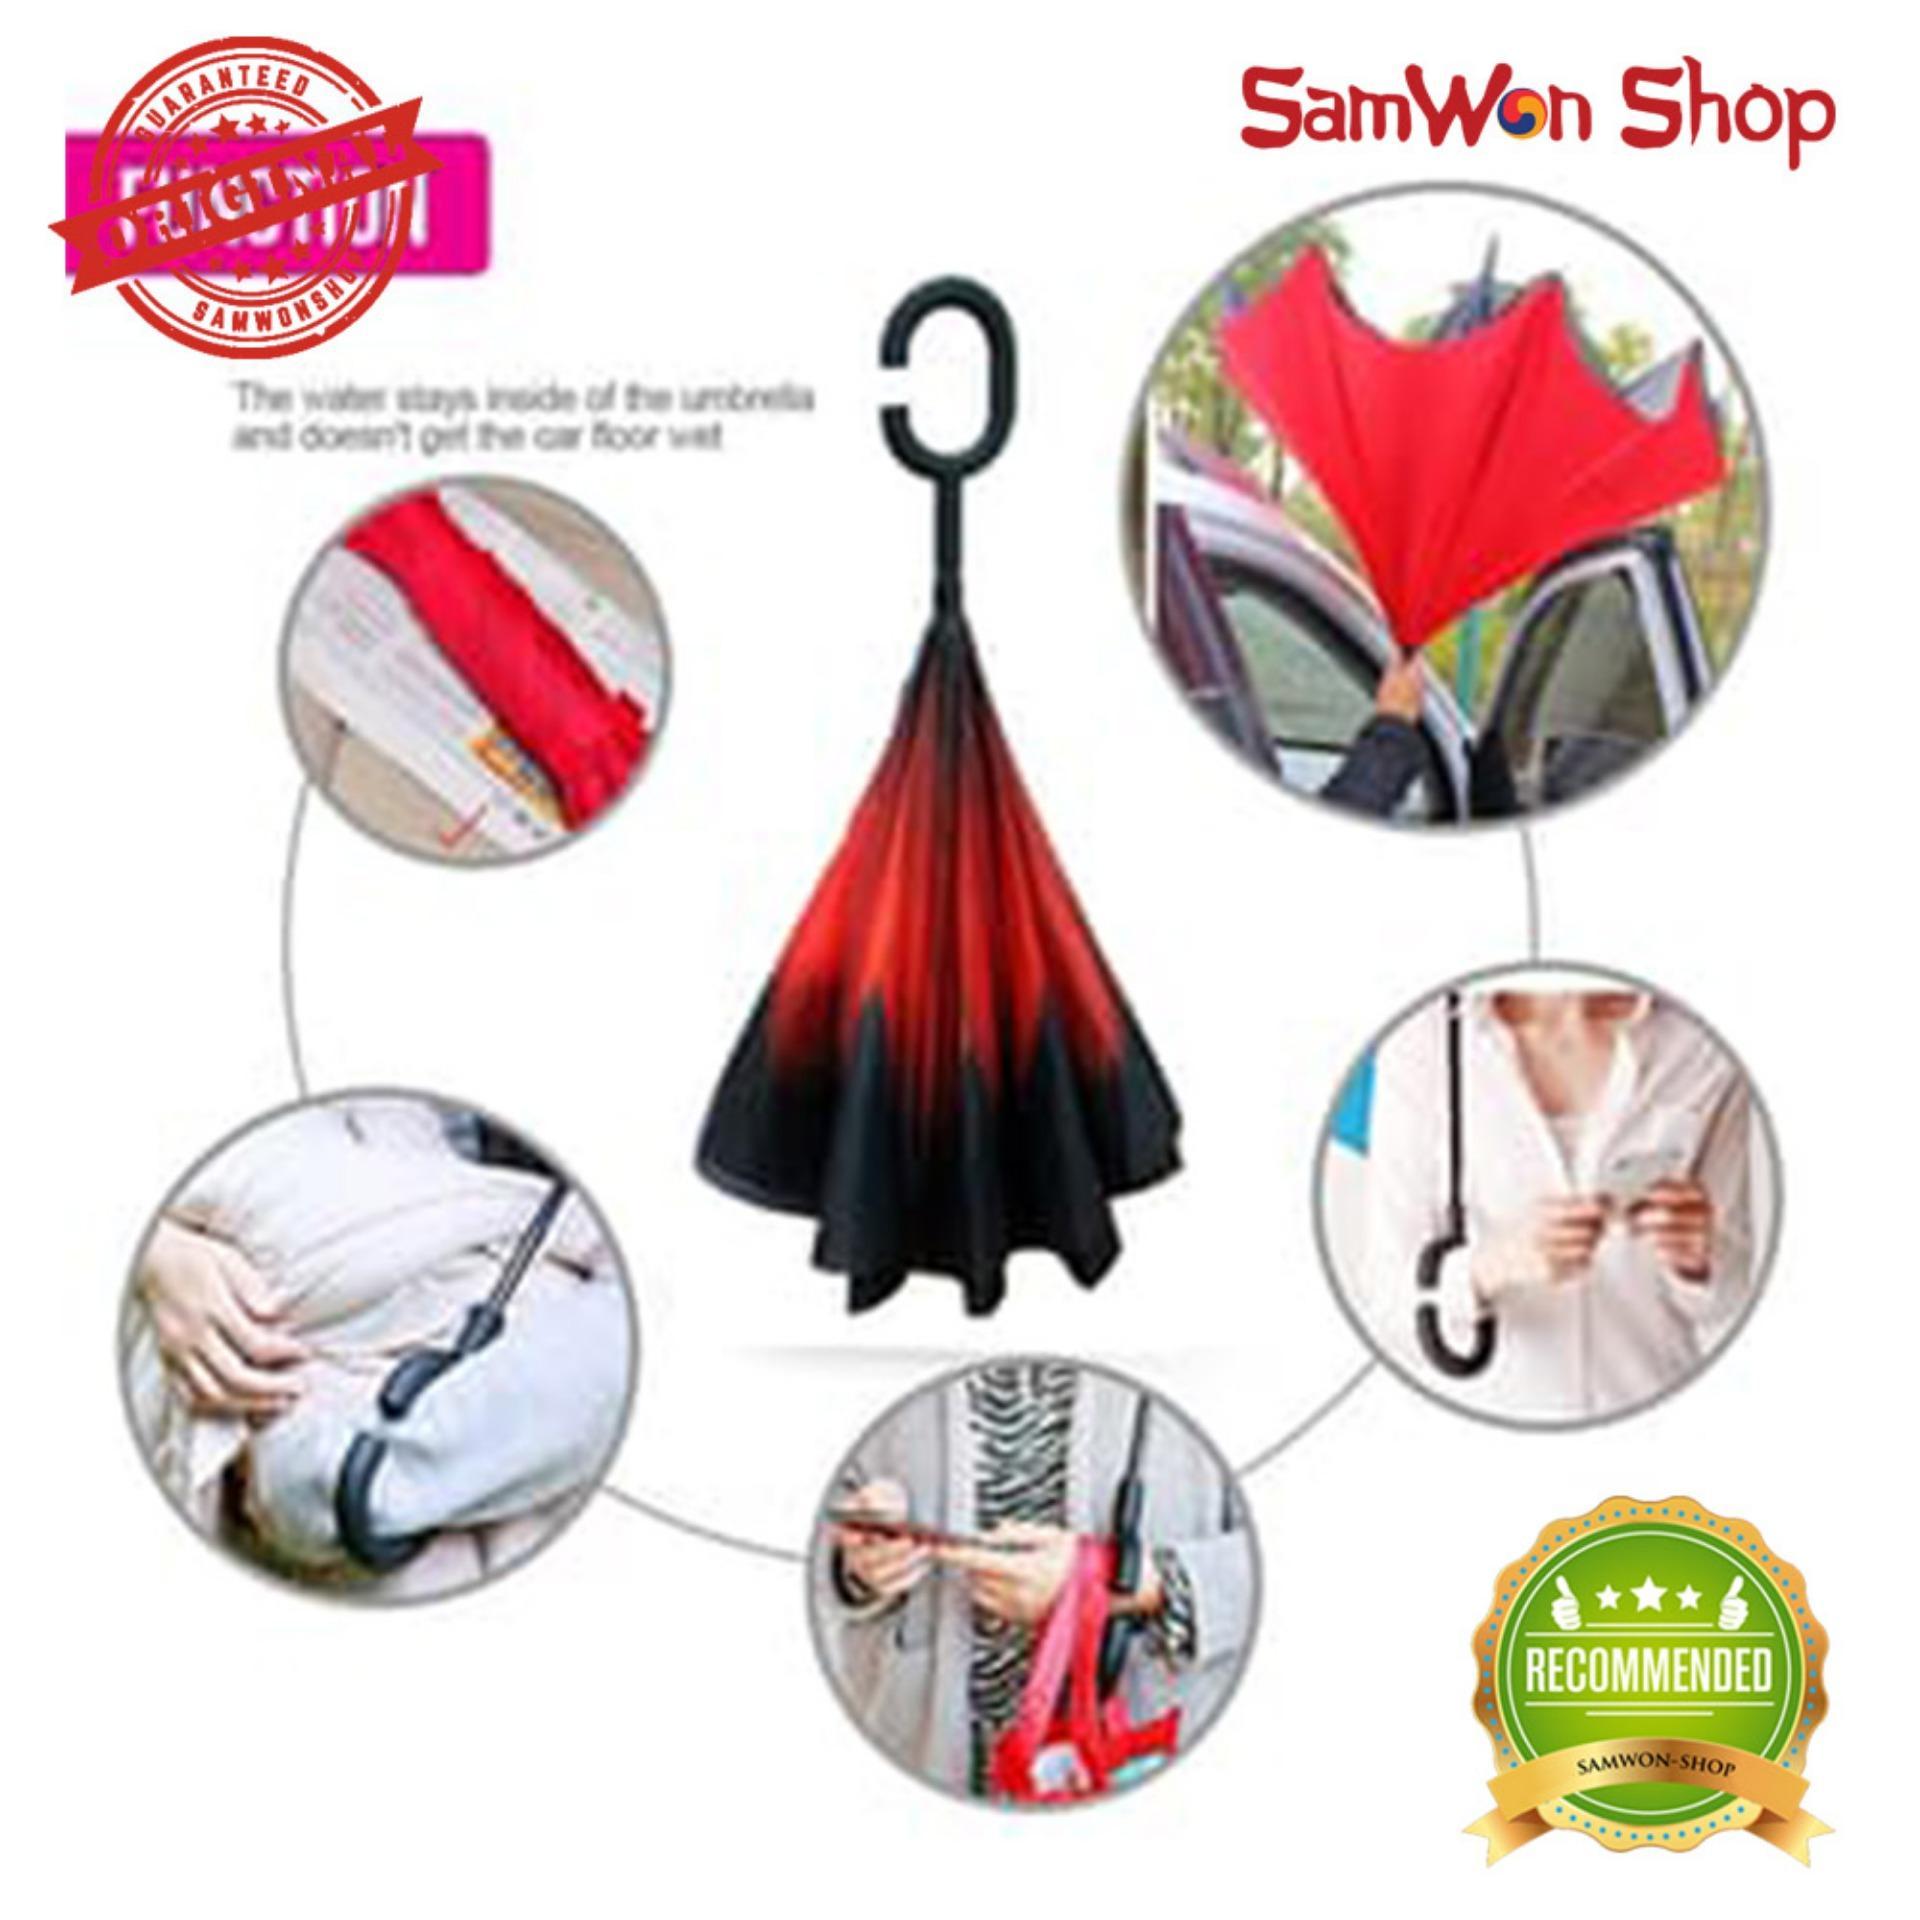 Payung Pria Termurah Terlengkap Lipat 3  Polos Warna Silver Dalam Terbalik Modern Gagang C Reverse Umbrella Kazbrella Harga Promo